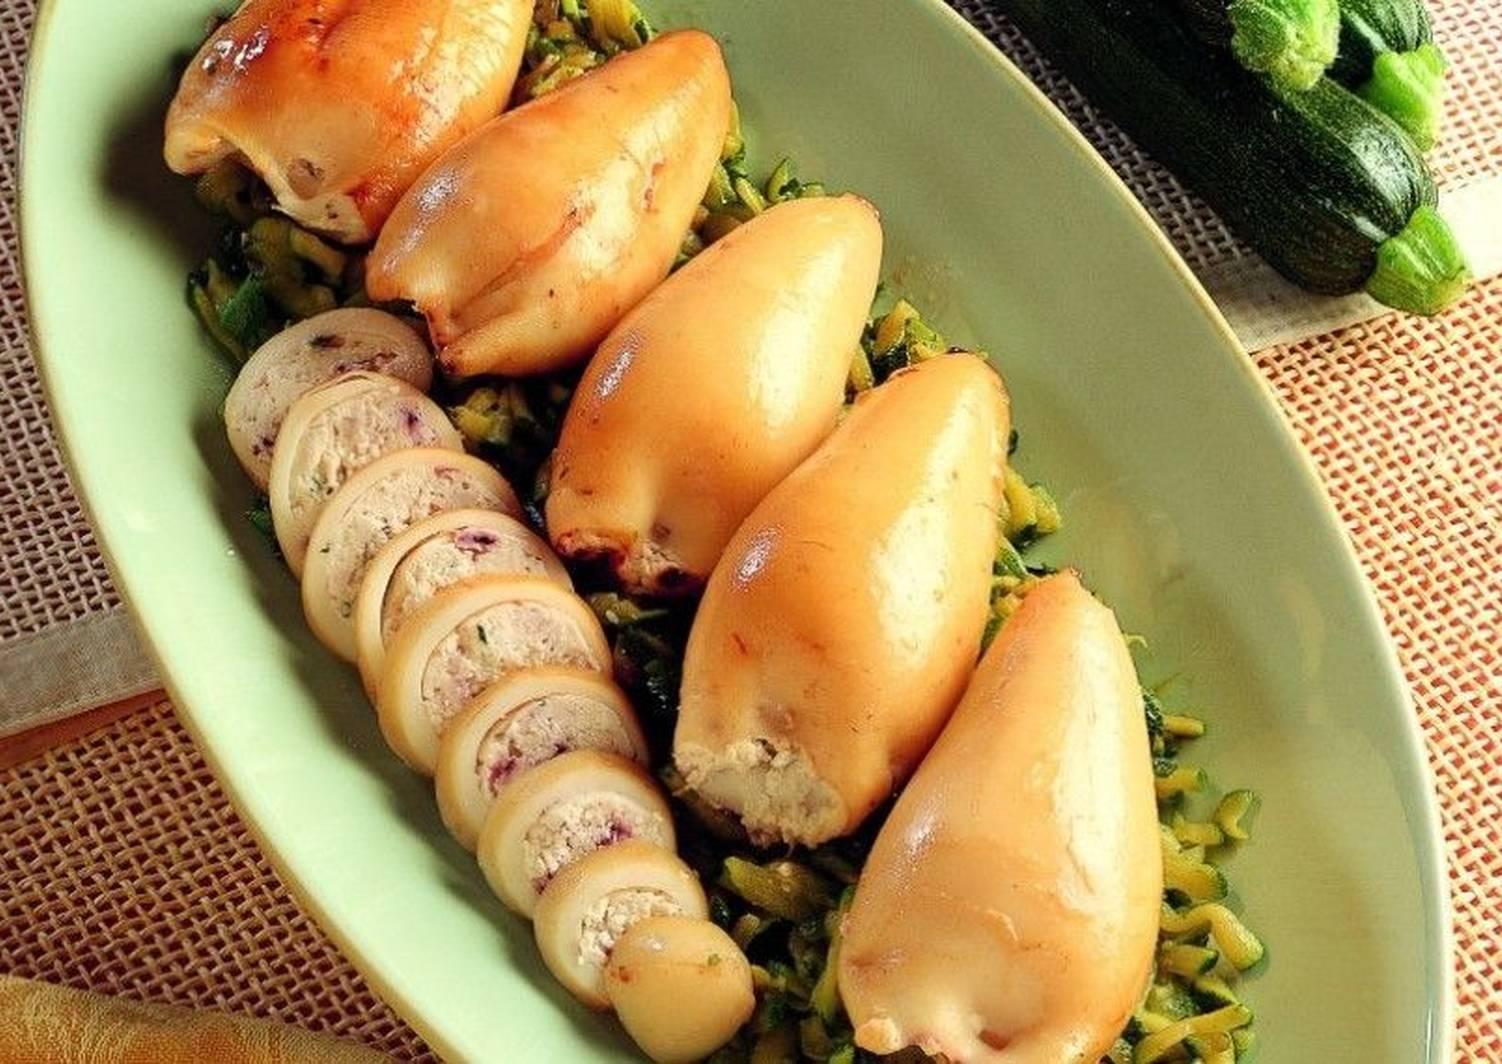 блюда из кальмаров рецепт с фото тв-поклонники мечтают большой